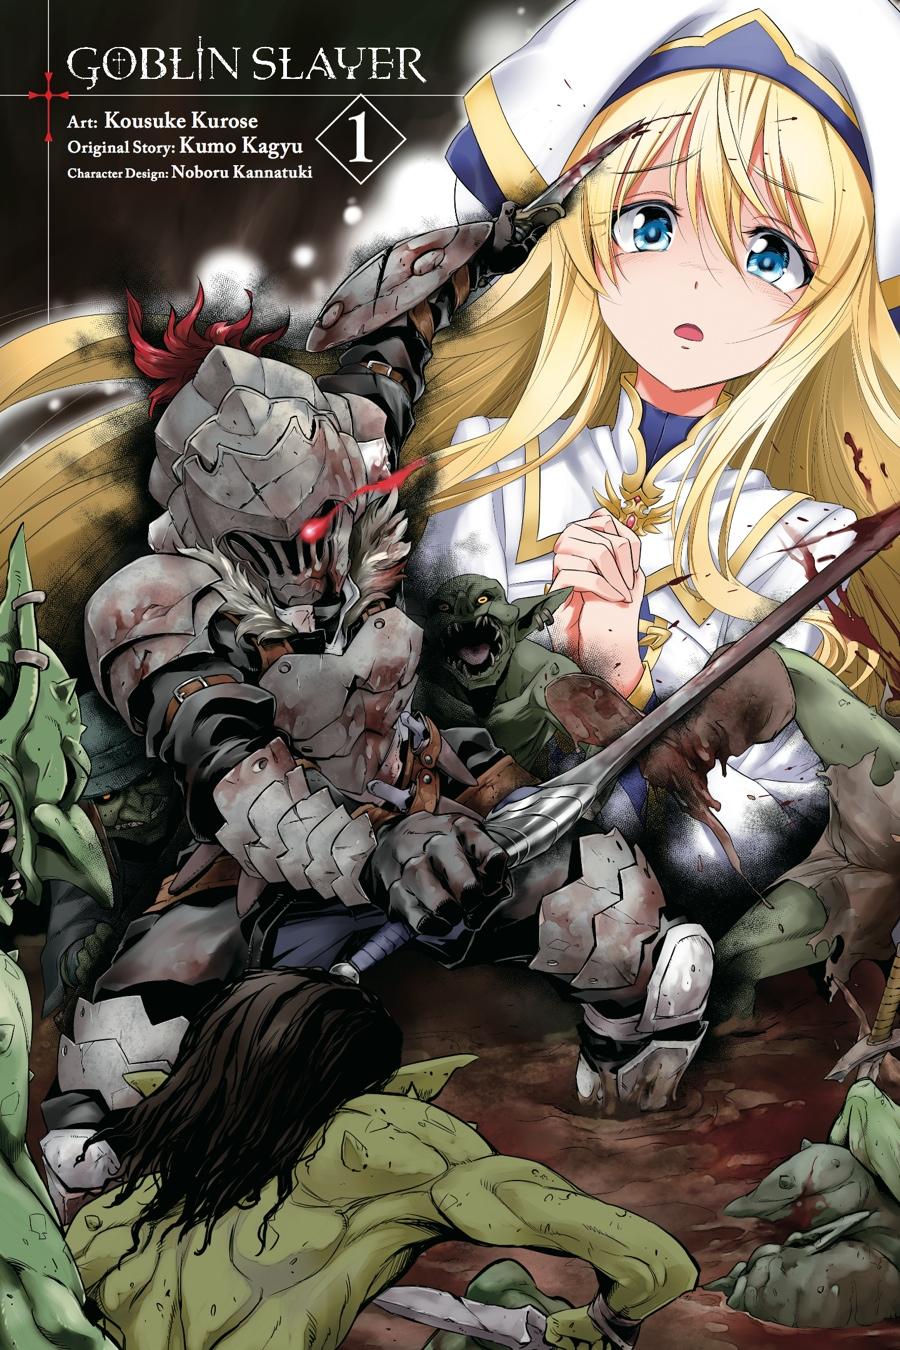 Goblin Slayer Manga Chapter 1  Goblin Slayer Wiki -9172